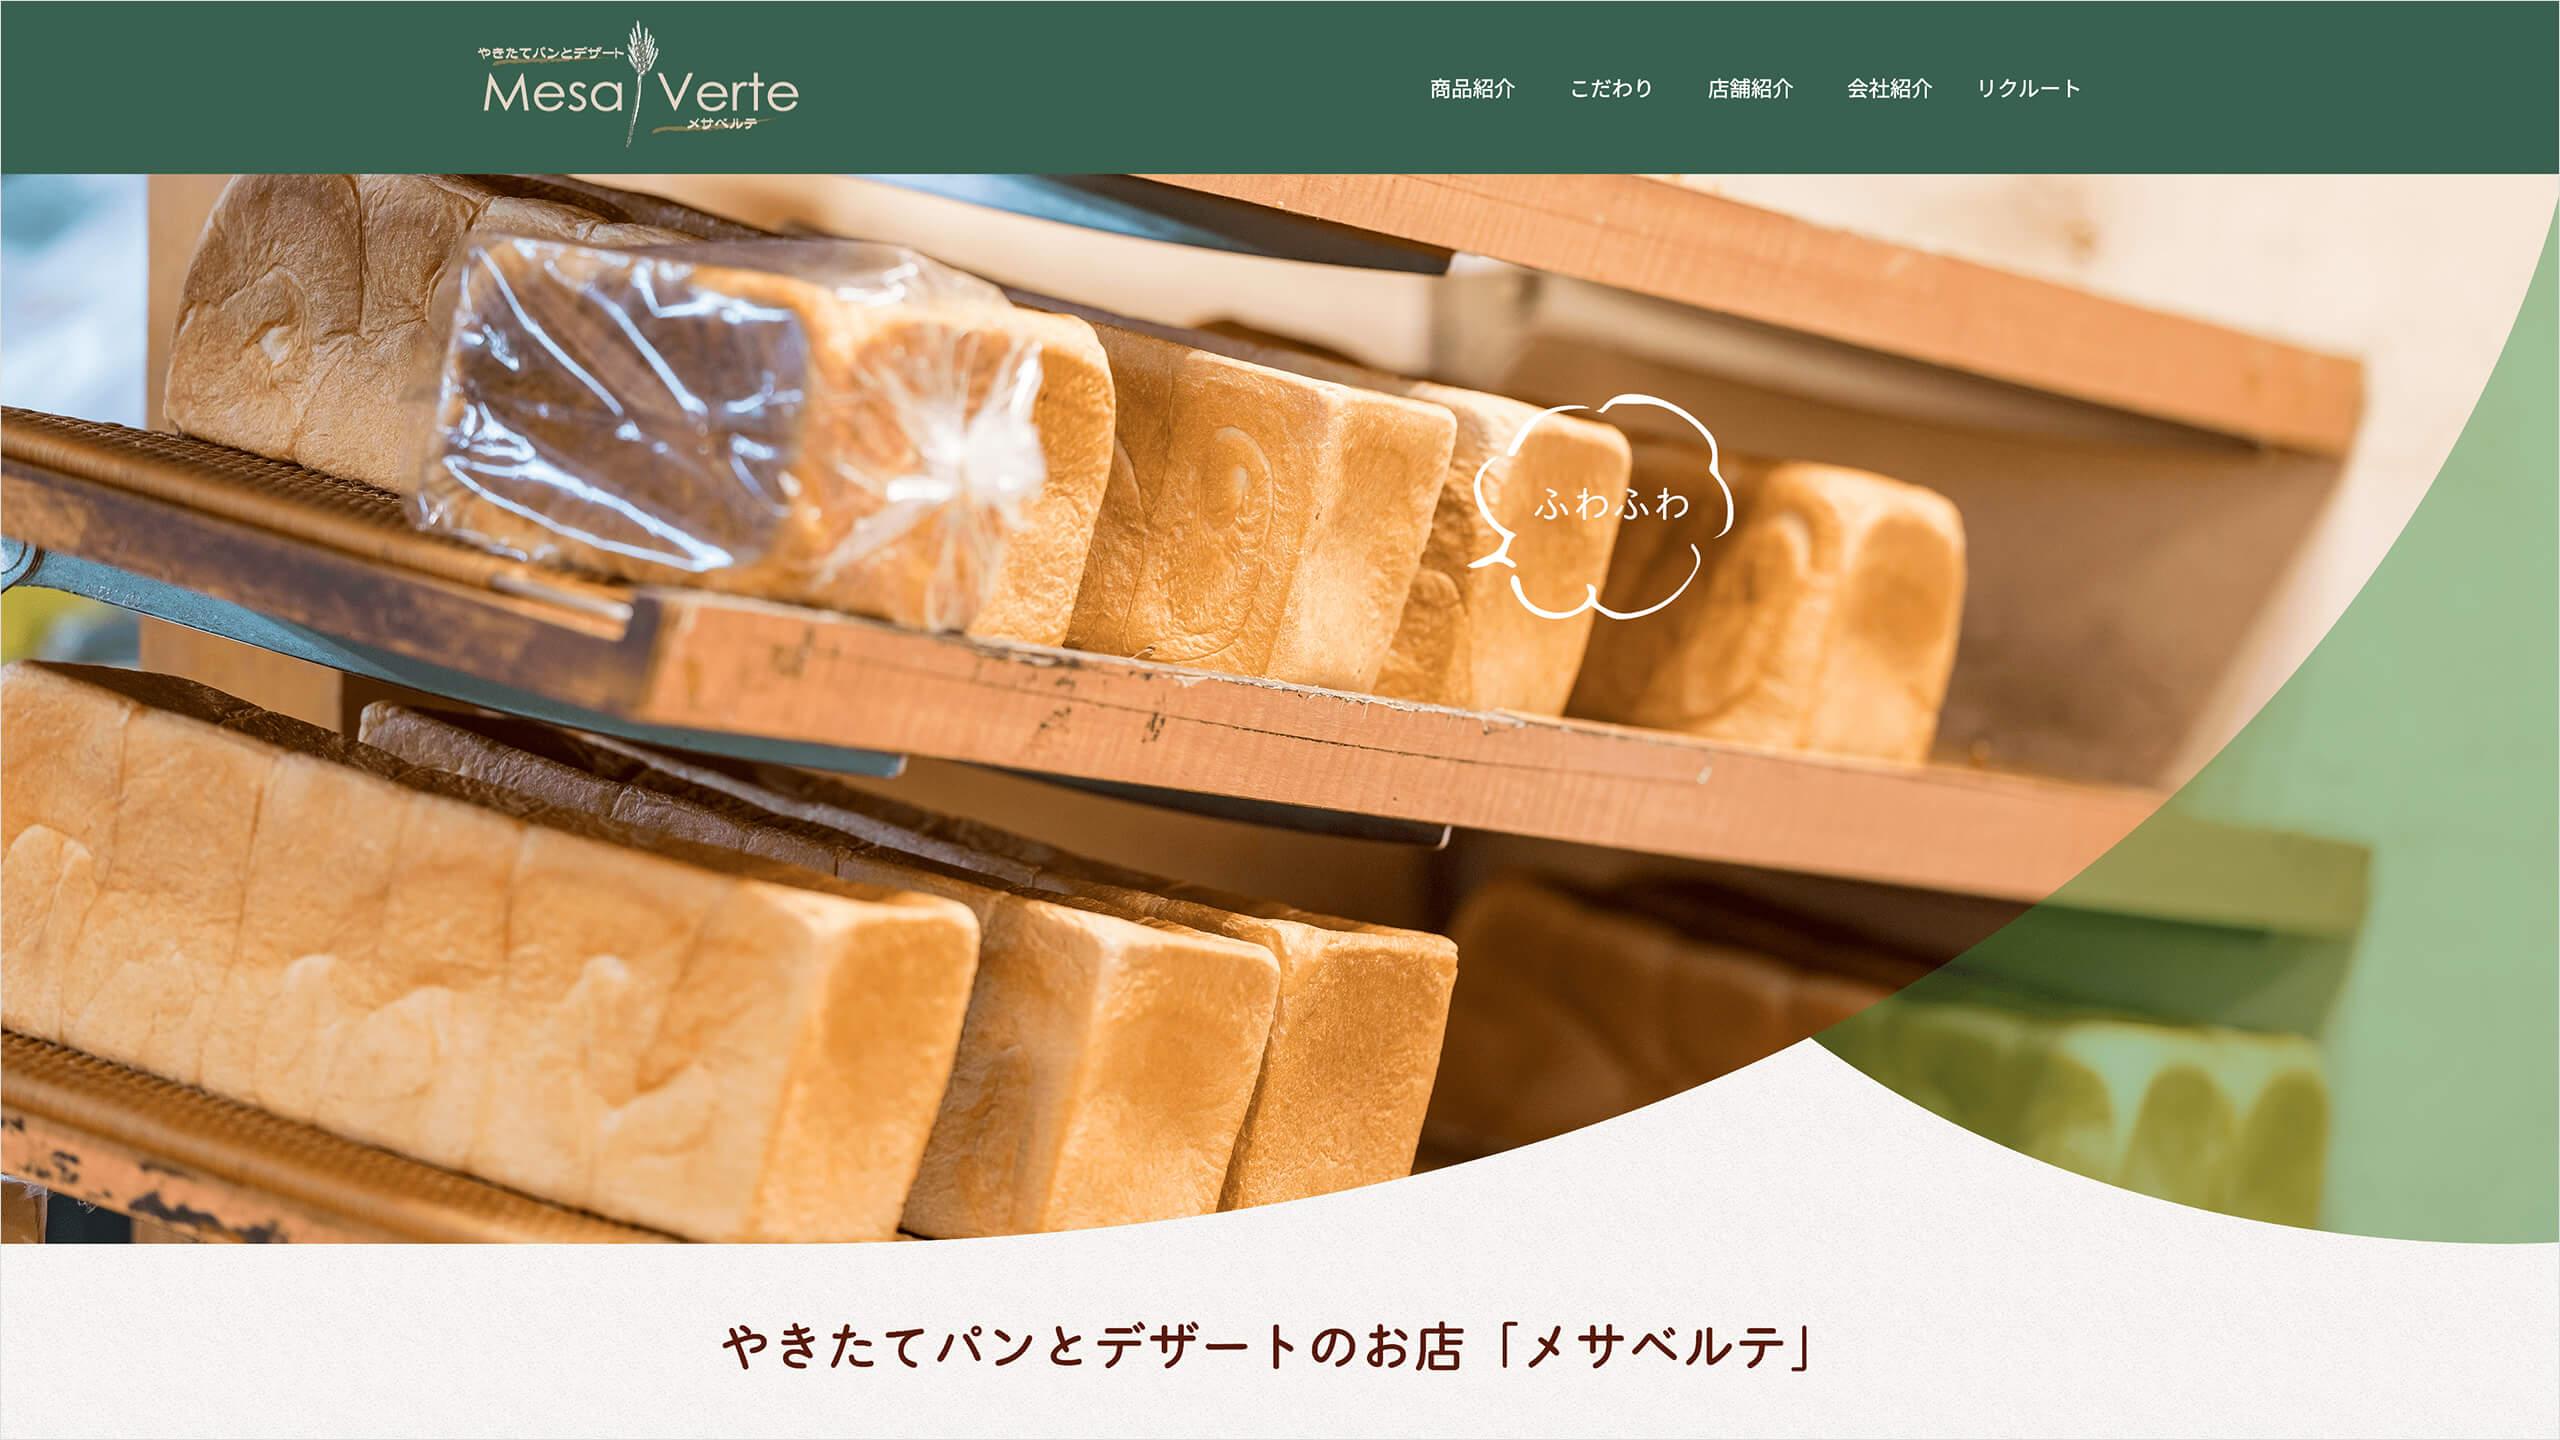 WEBサイト制作_メサベルテ